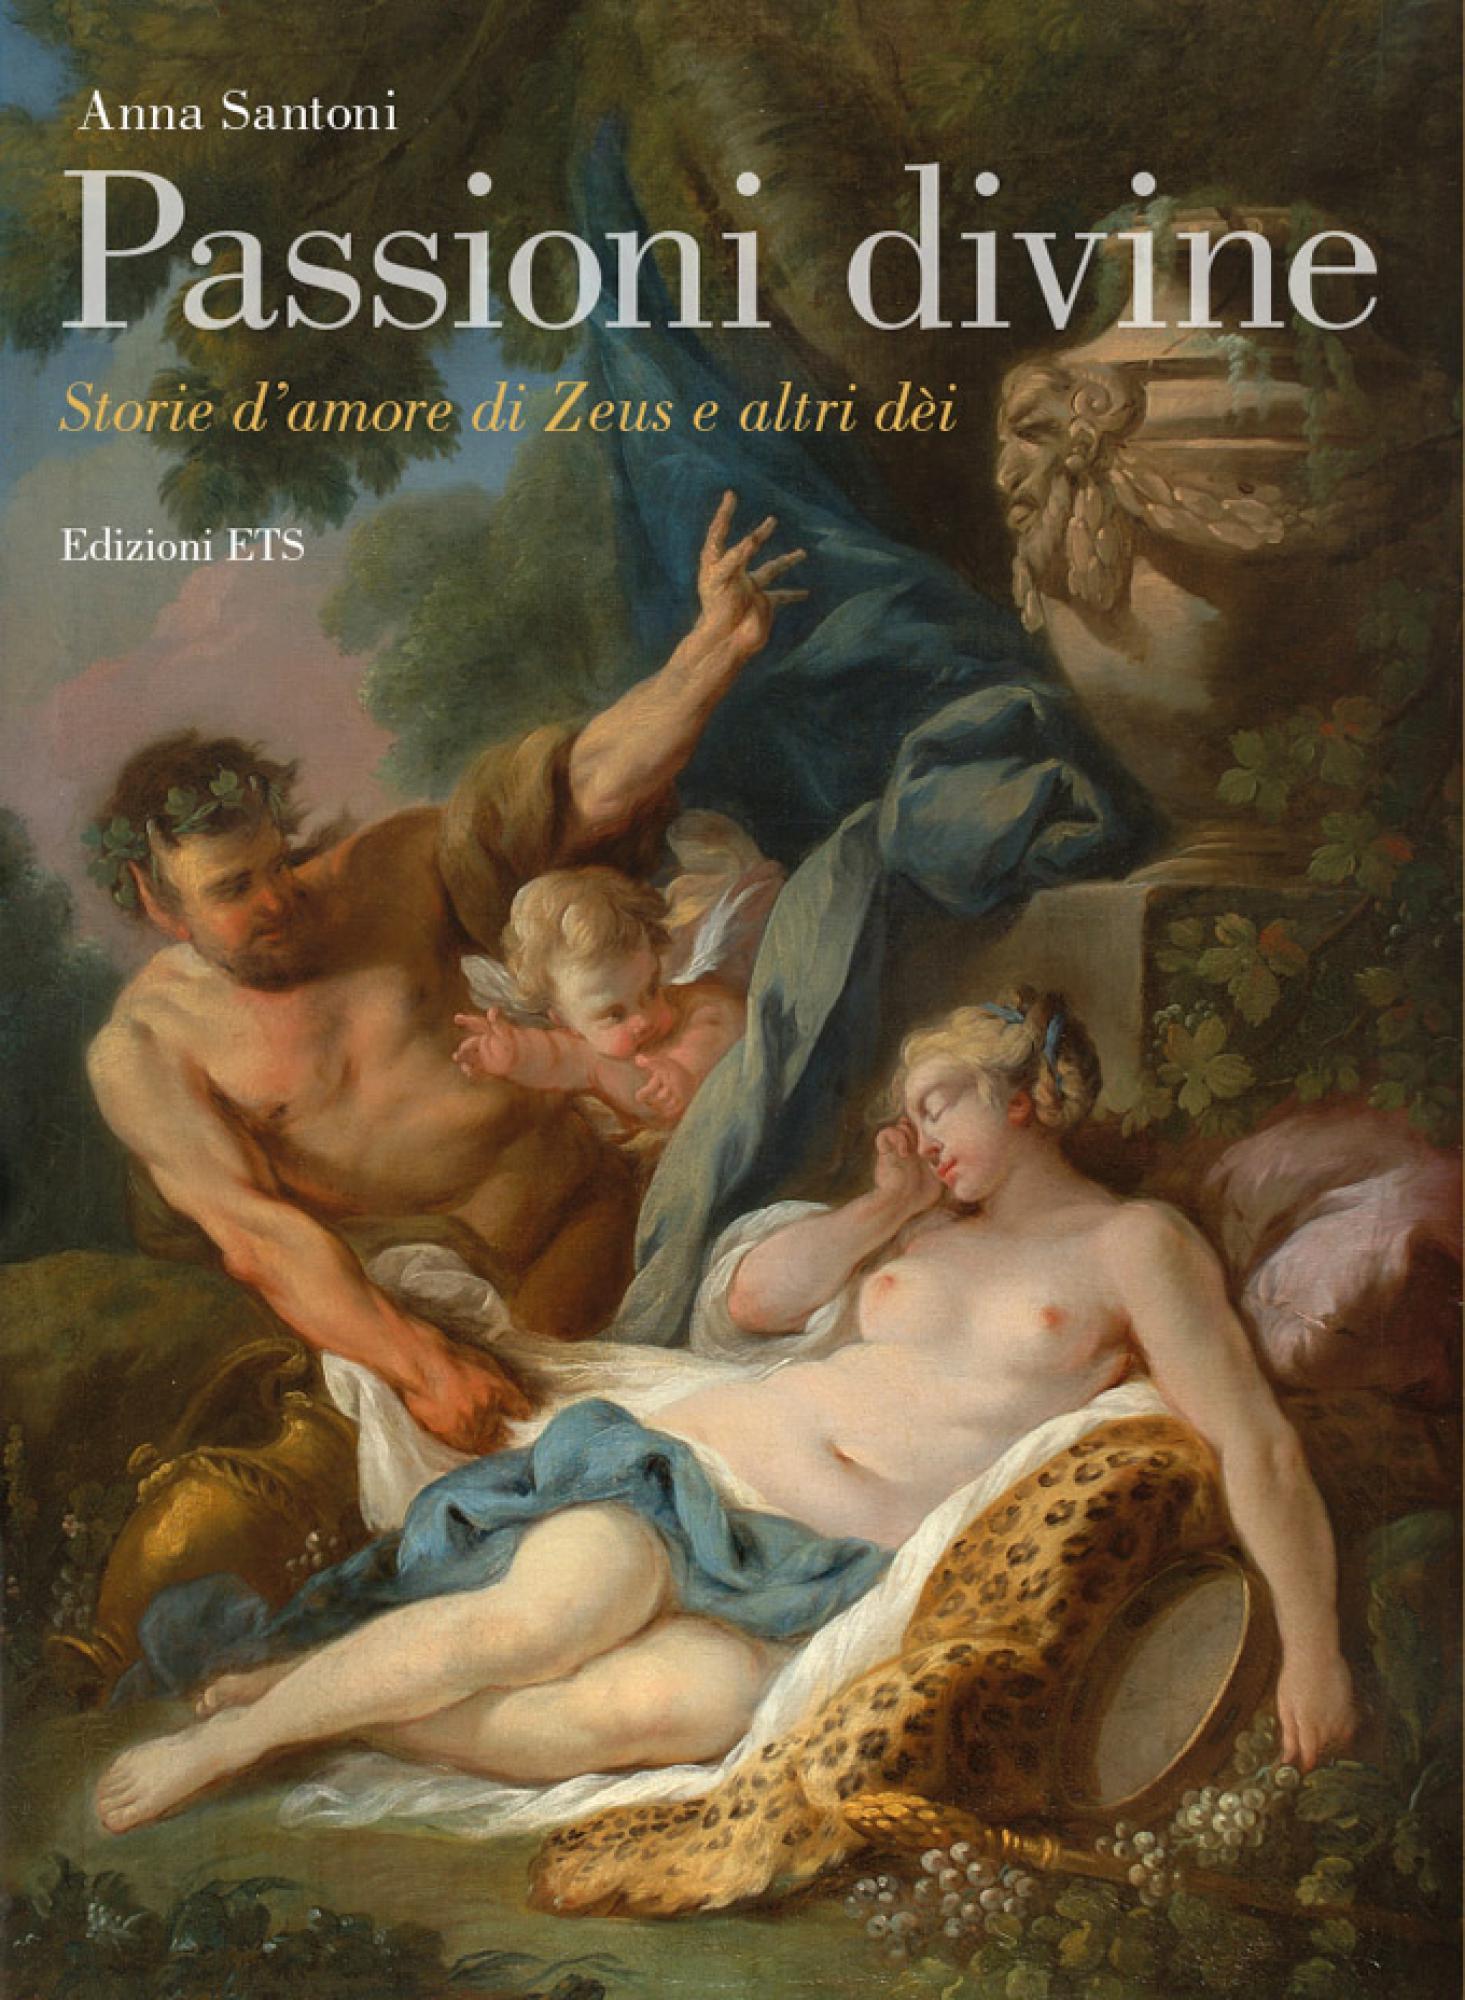 """Amori De passioni divine. storie d'amore di zeus e altri dèi"""" di anna"""